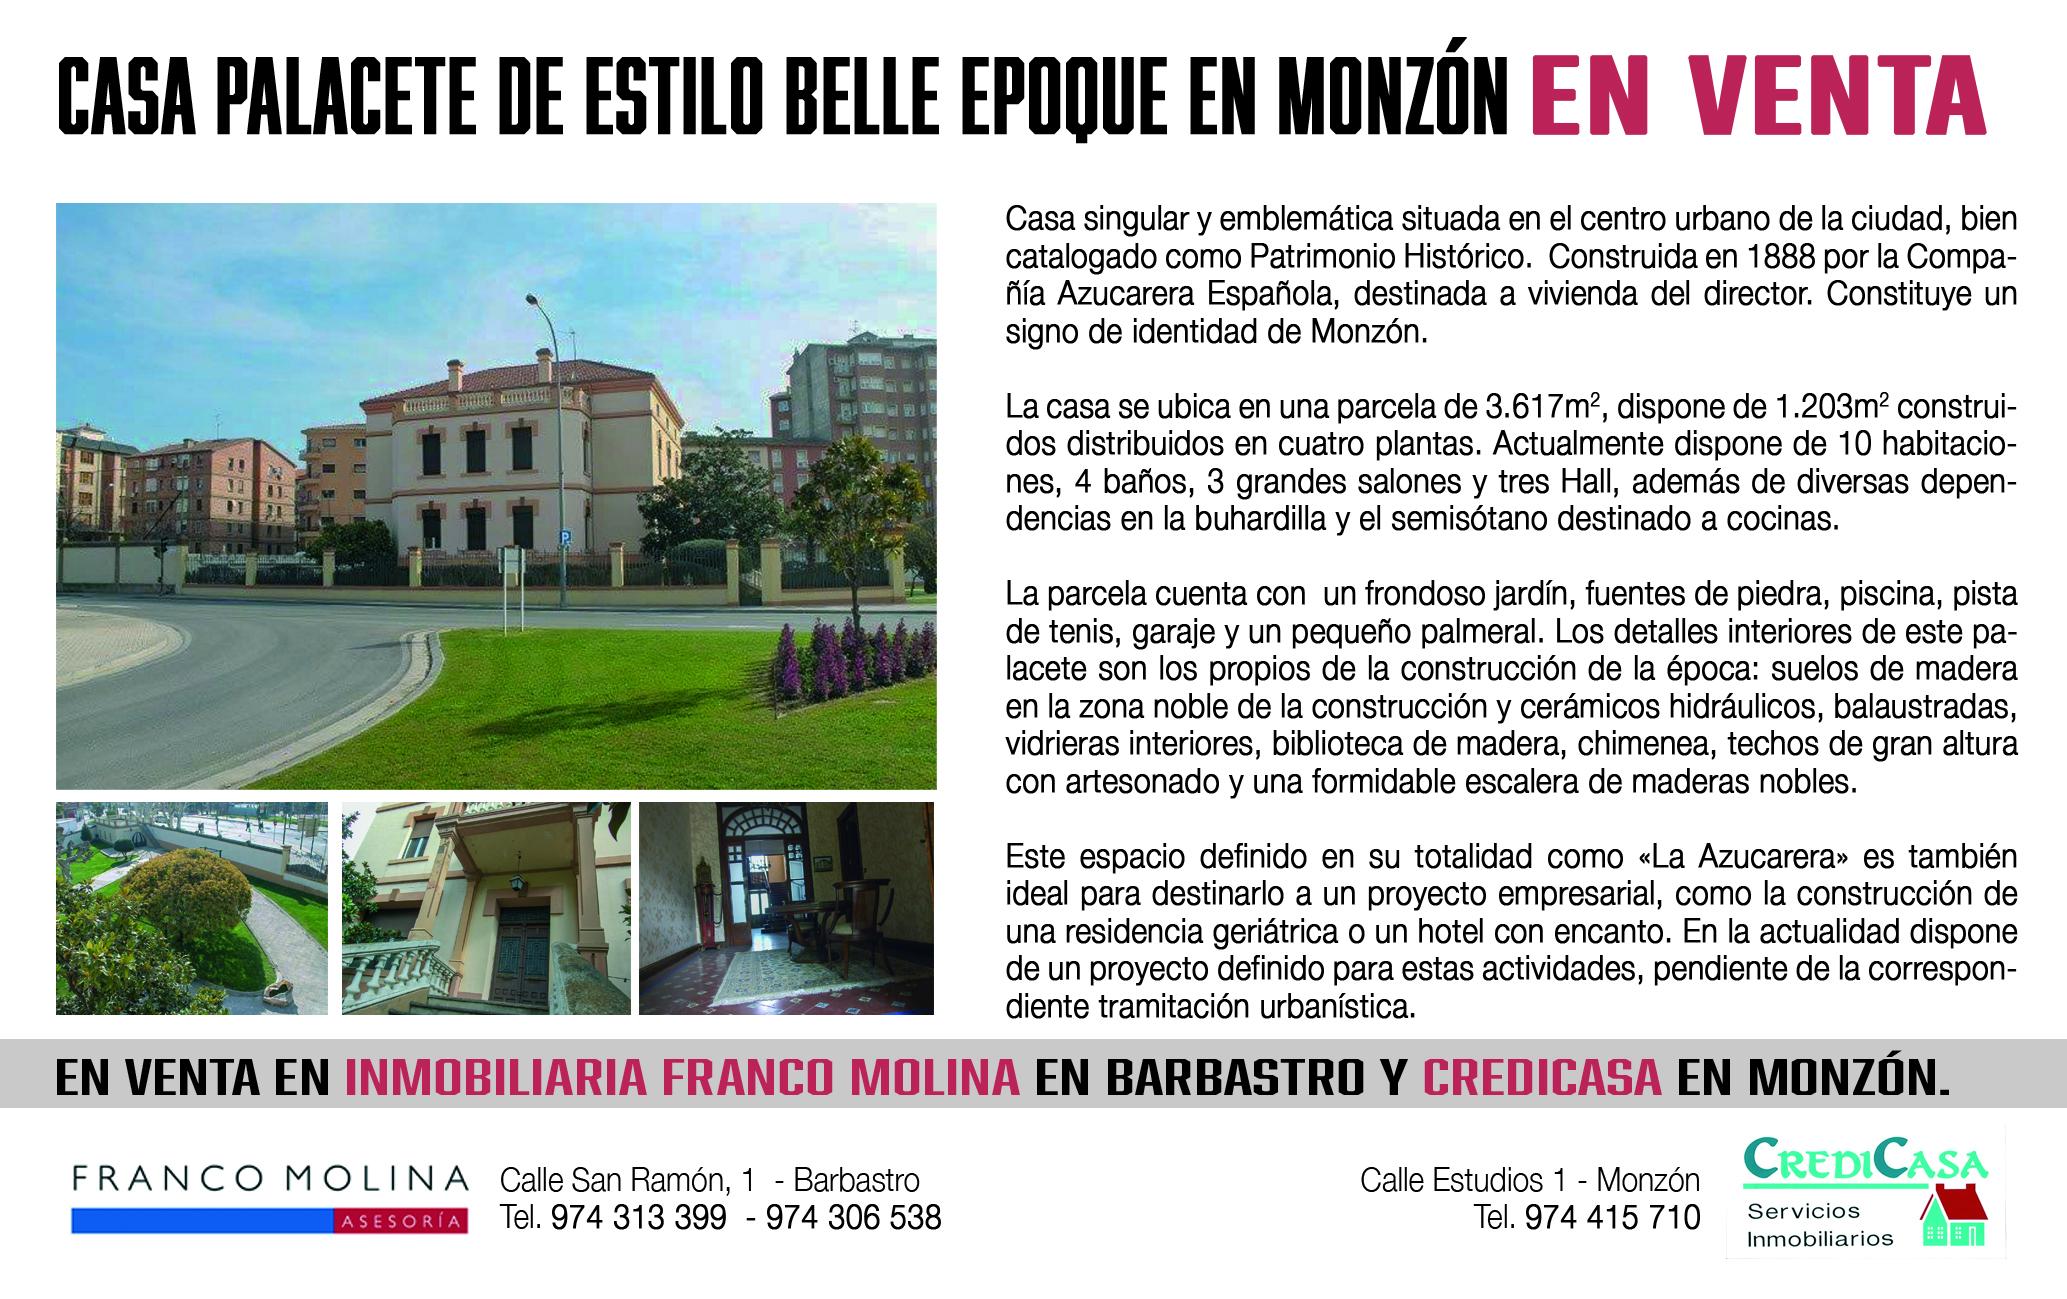 FRANCO MOLINA CENTRAL